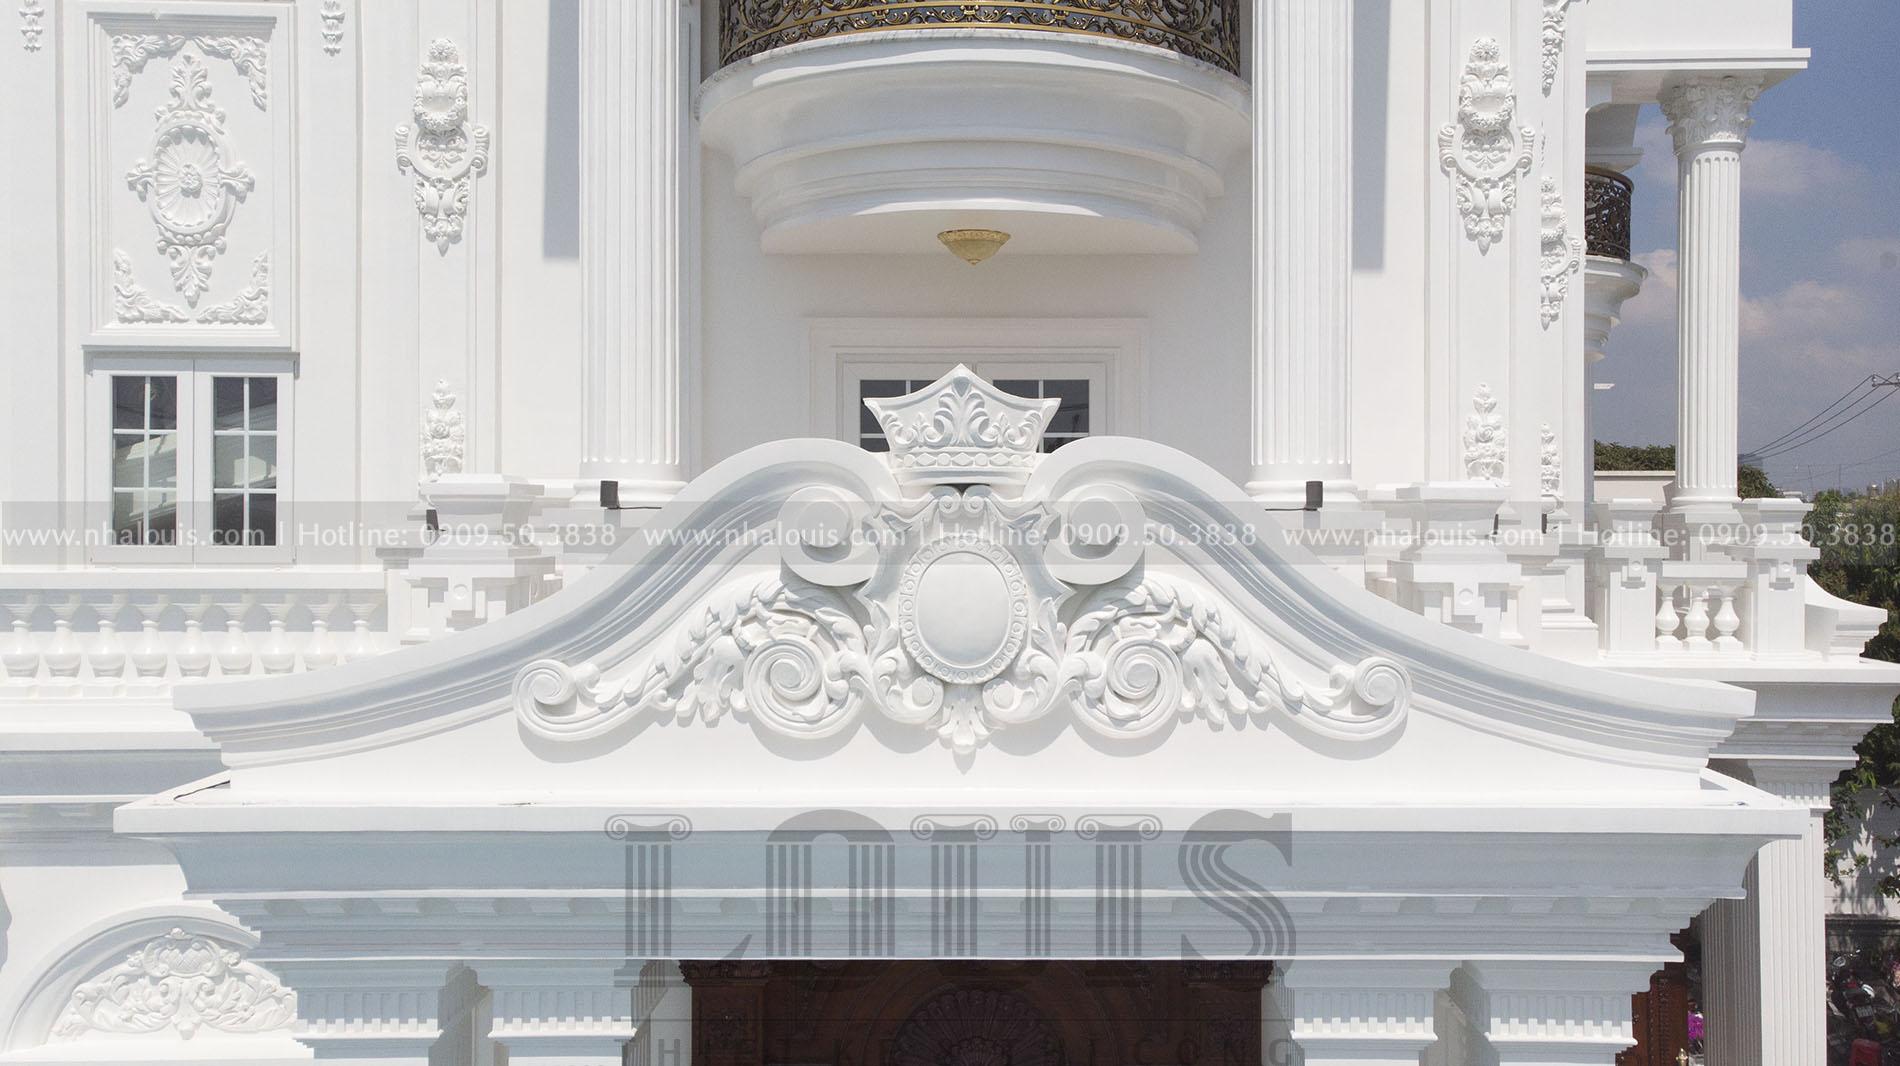 Mặt tiền biệt thự cổ điển Nhà Bè khi hoàn thiện